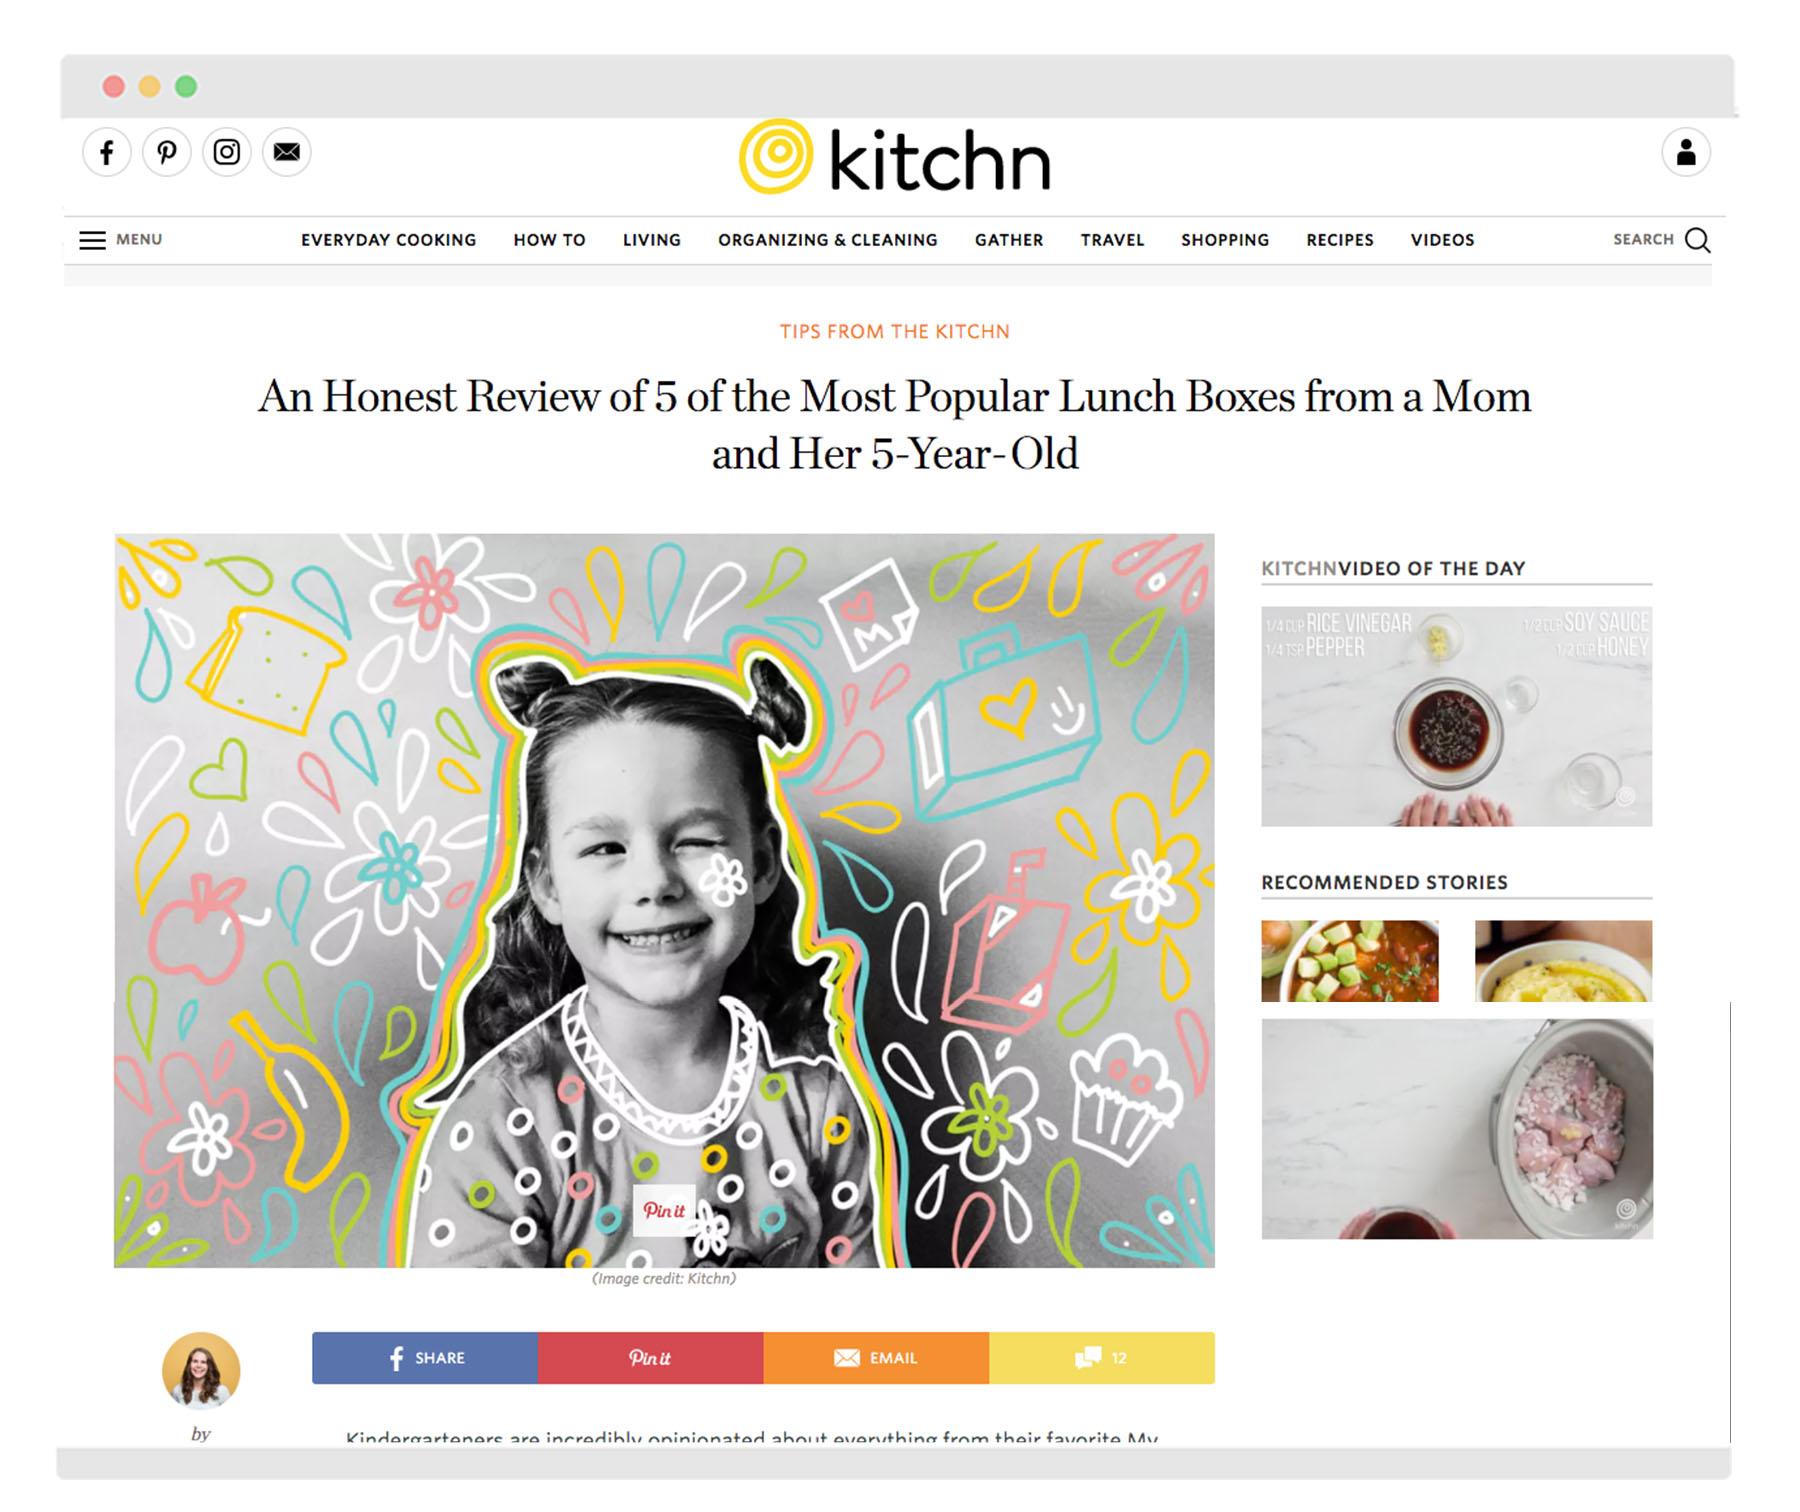 Header doodle as seen on Kitchn's website